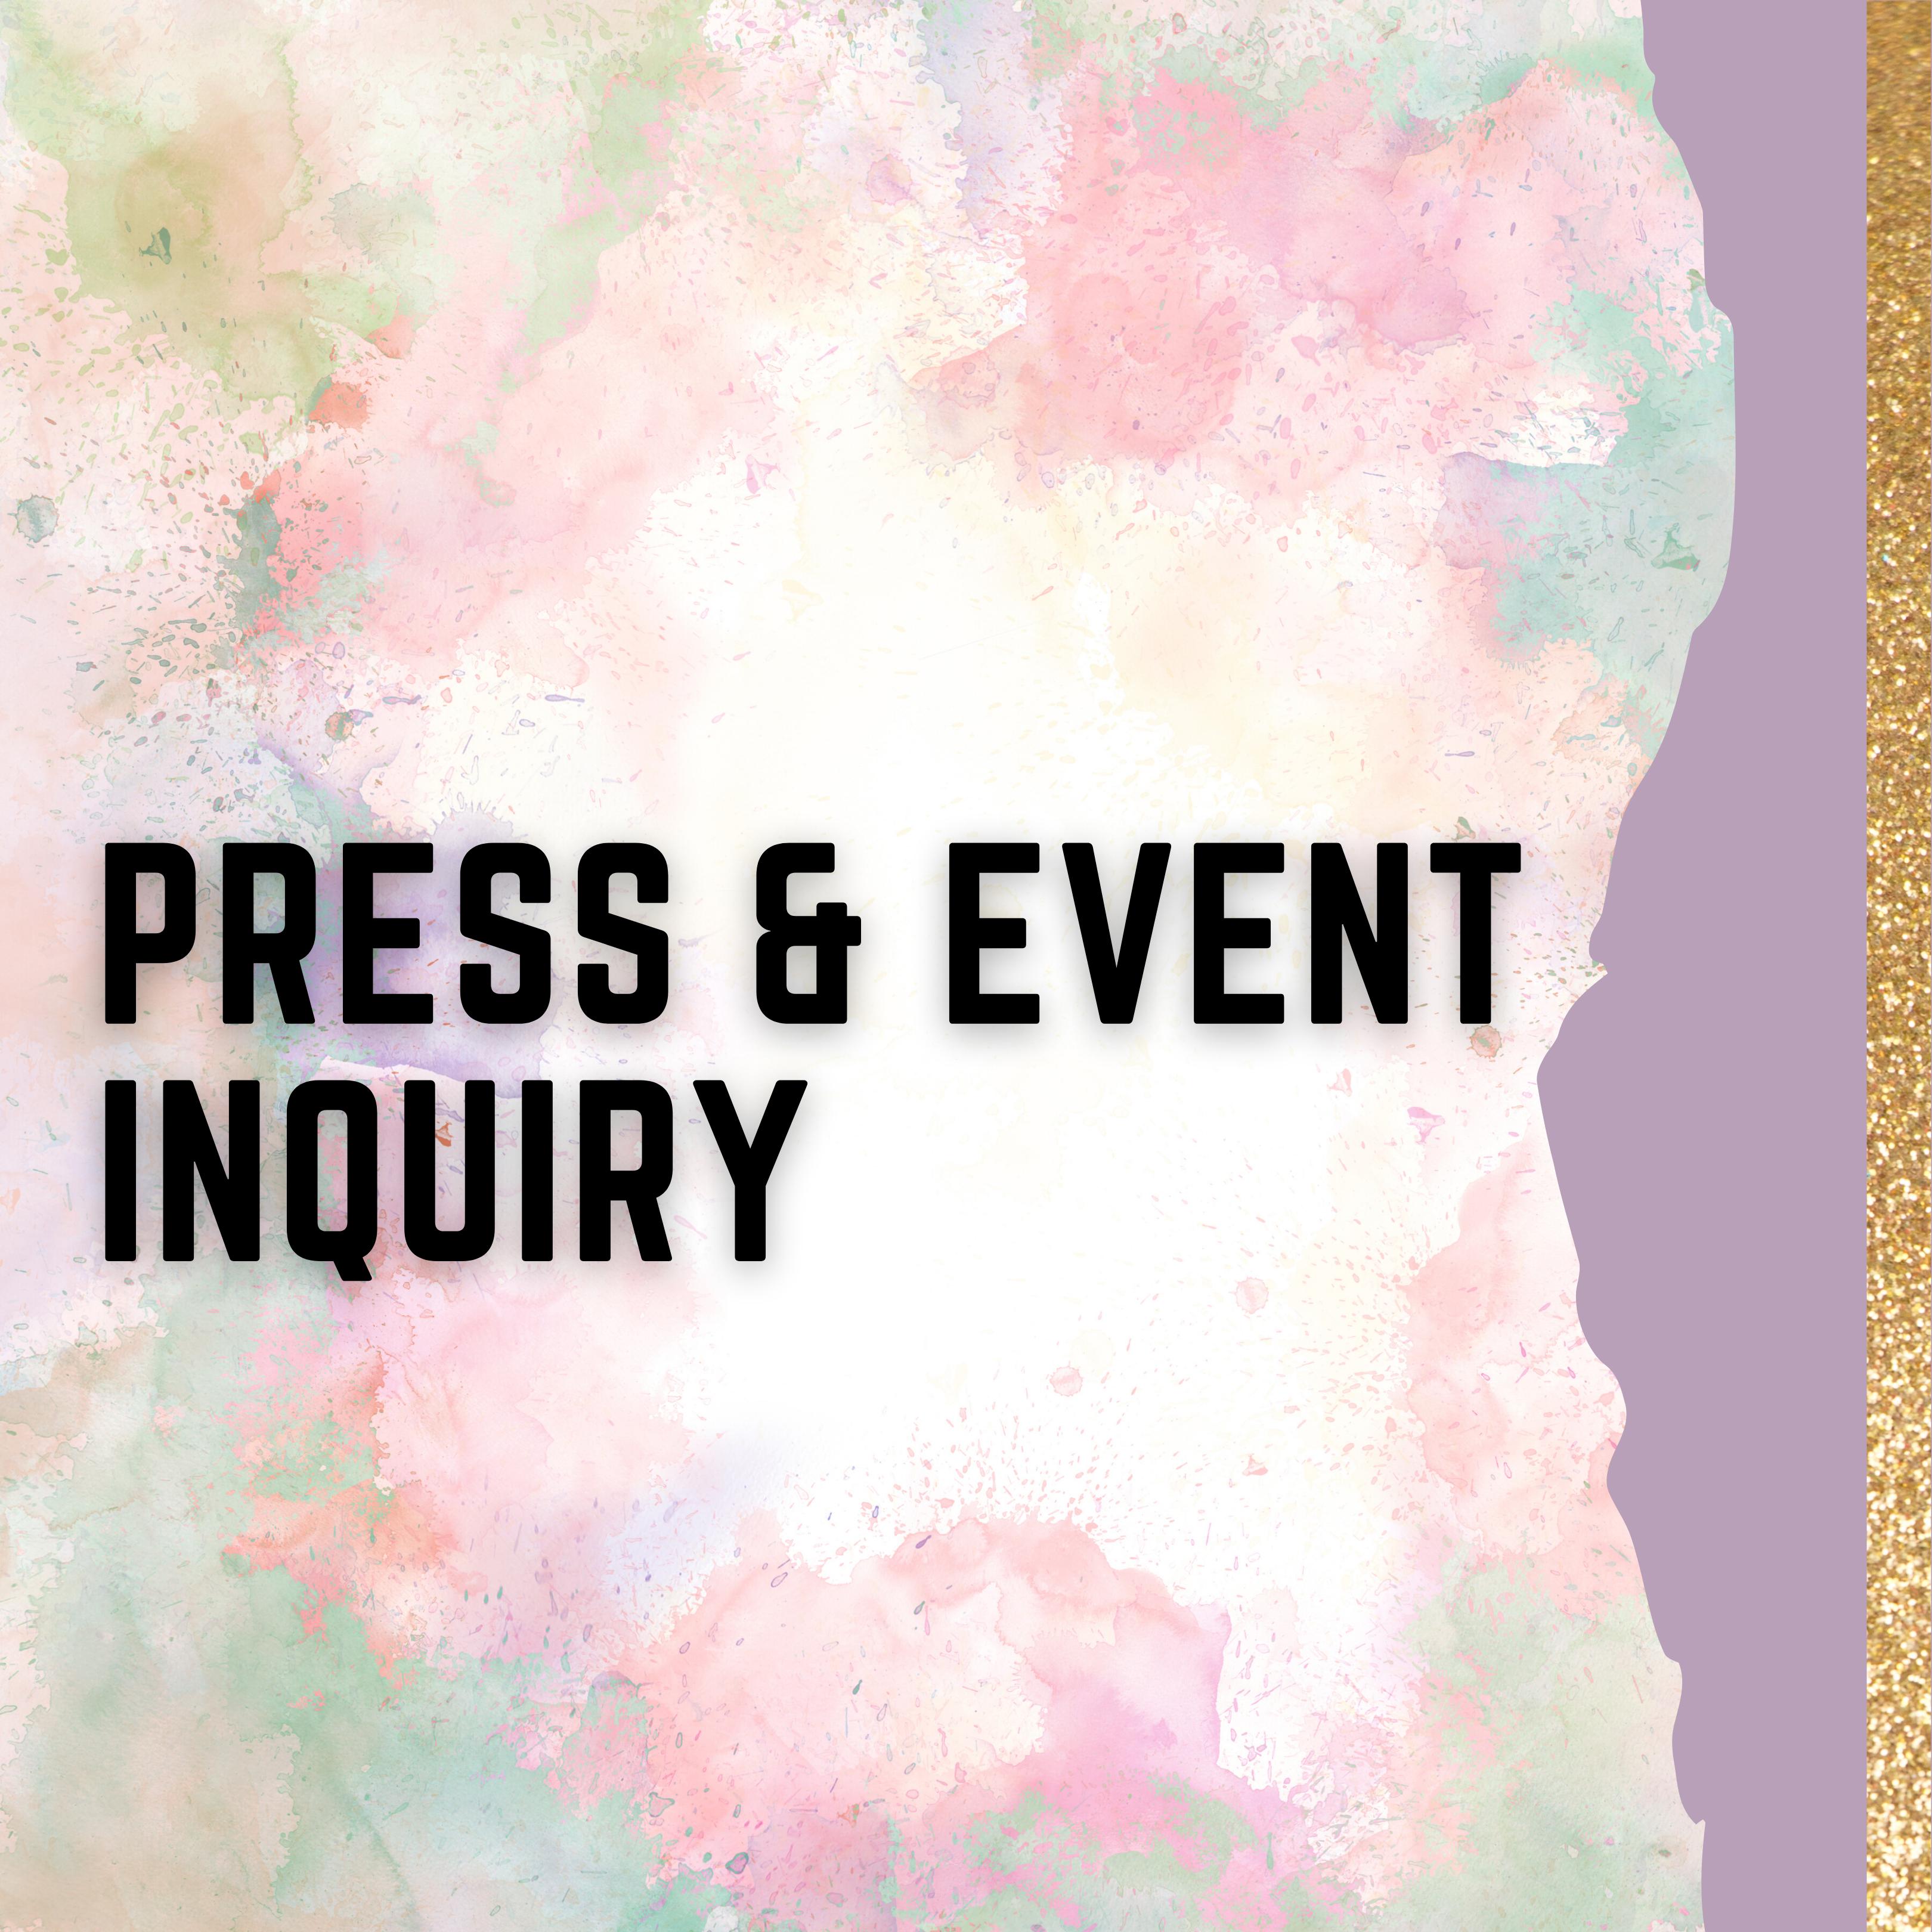 PRESS & EVENT INQUIRY